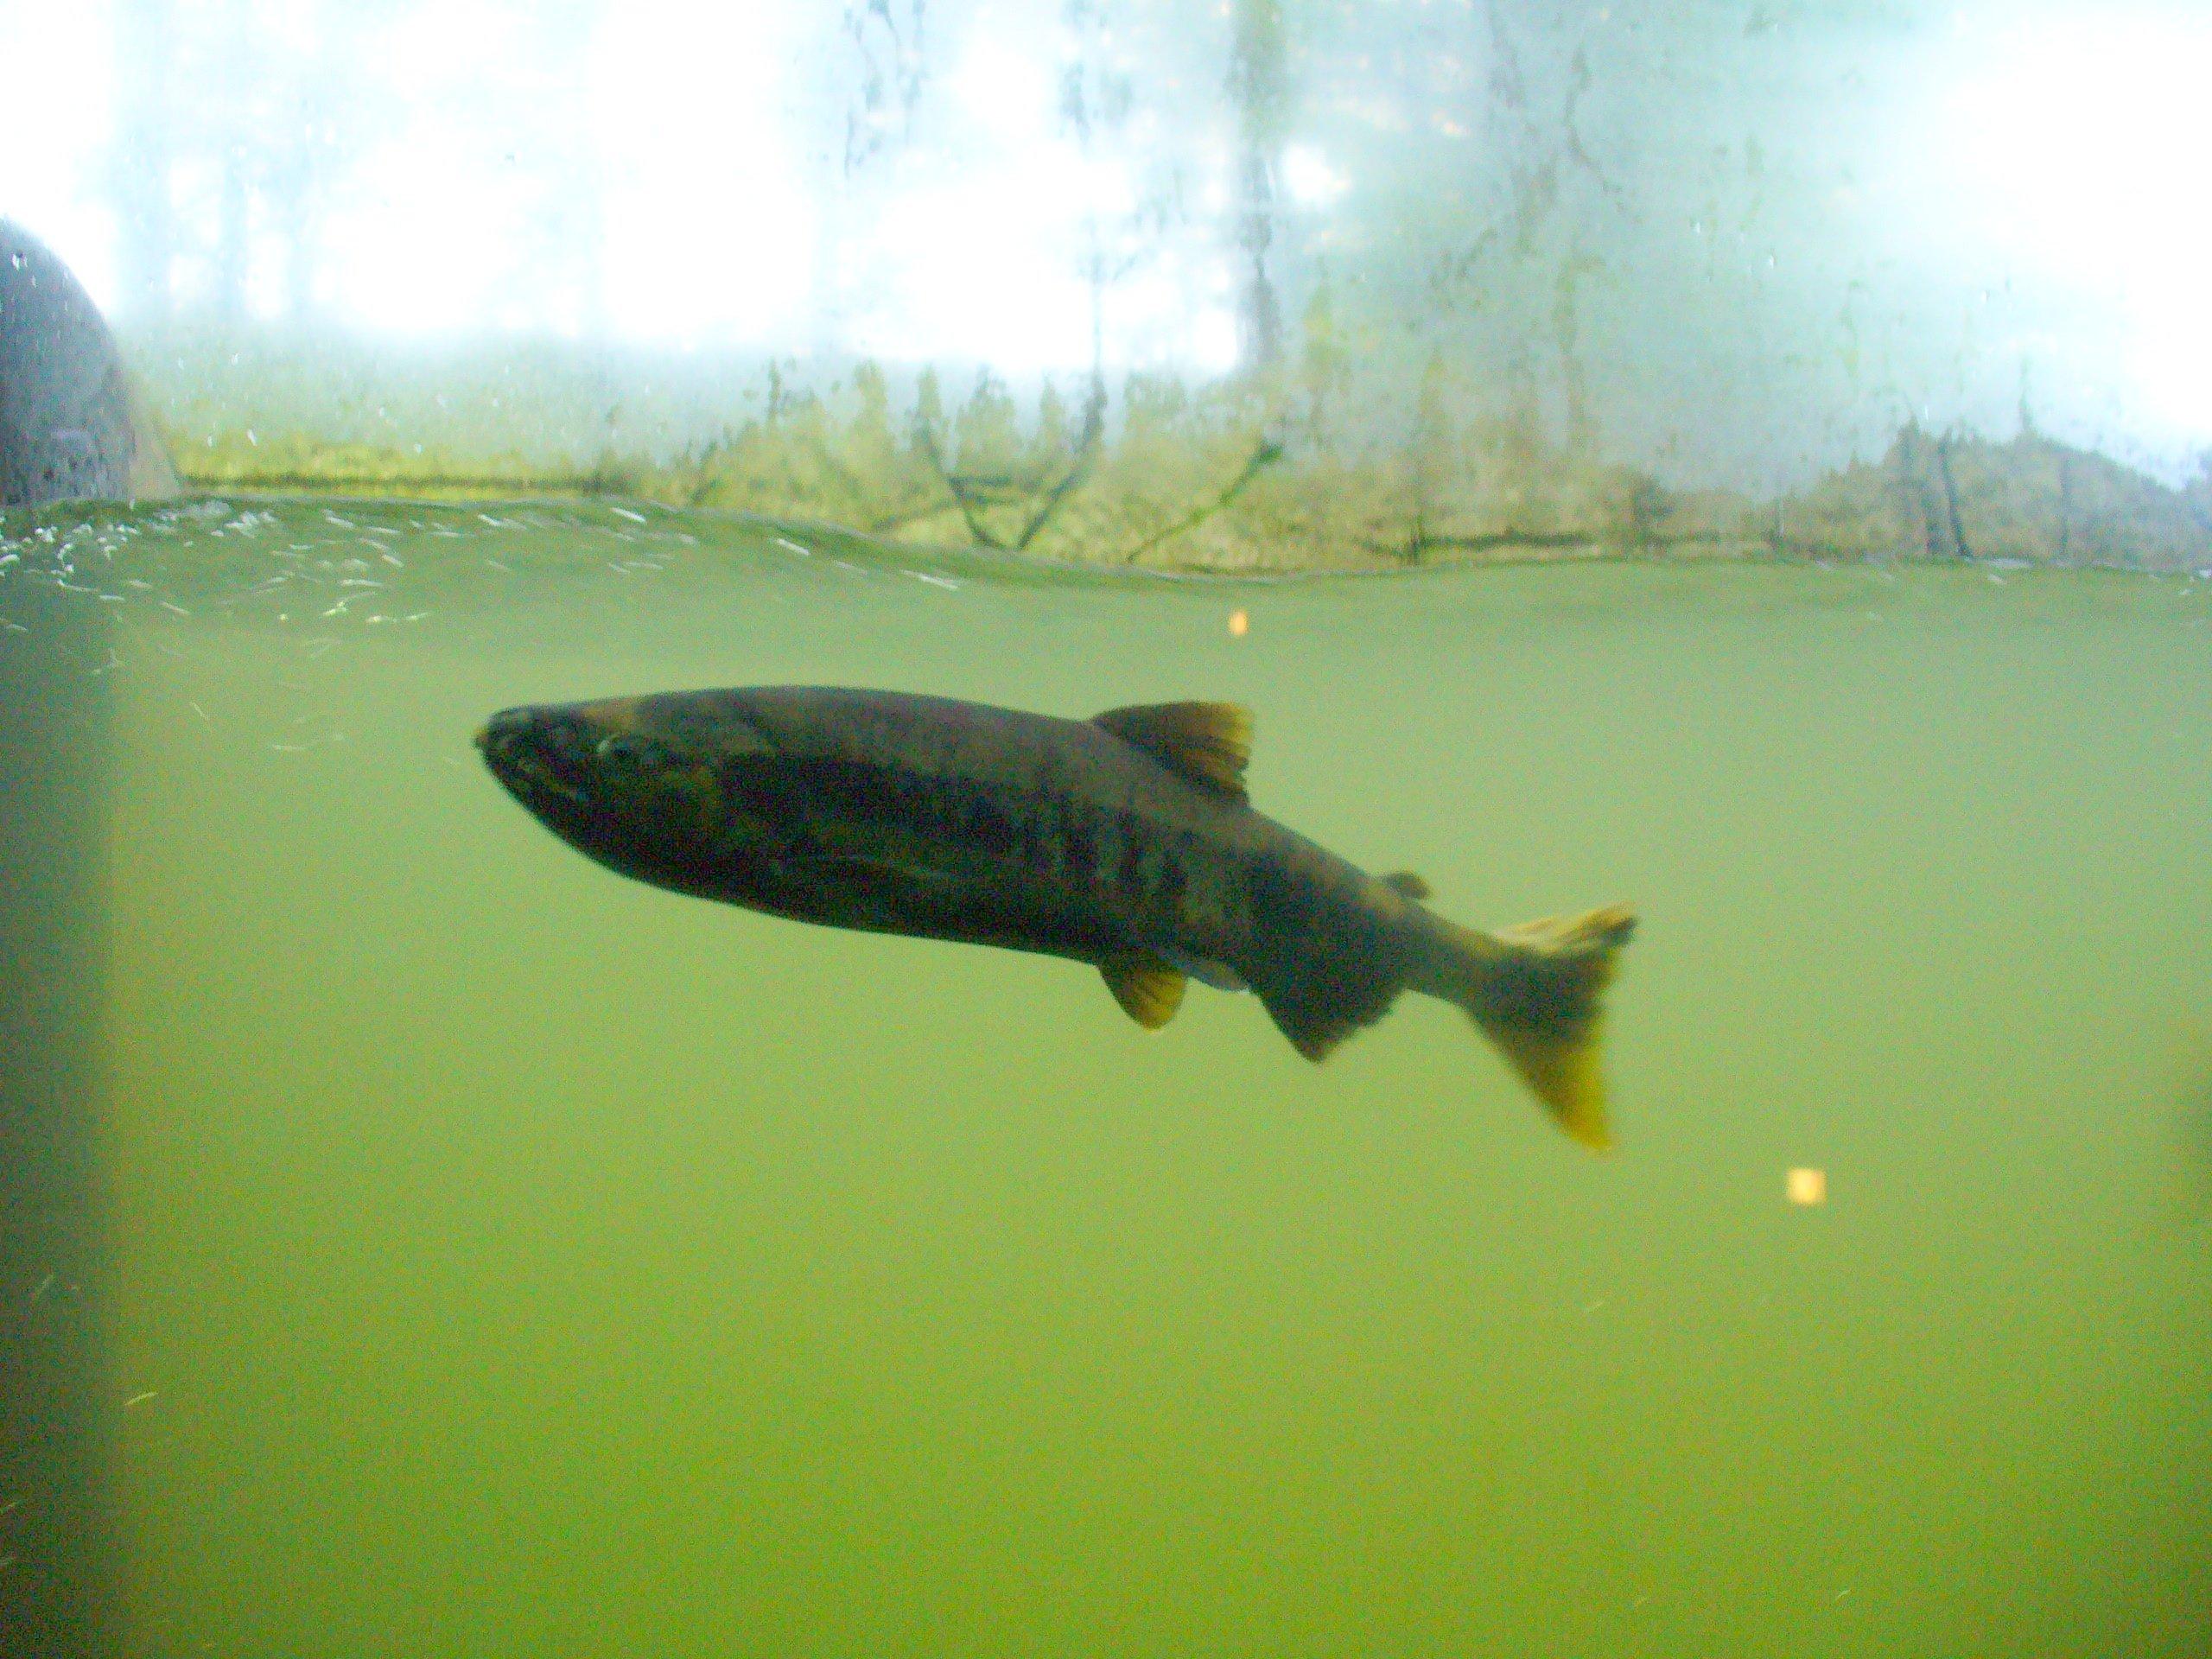 魚道水槽に入ったサケは、捕獲されてしまうけど……次の子孫たちが川へ帰っていく。